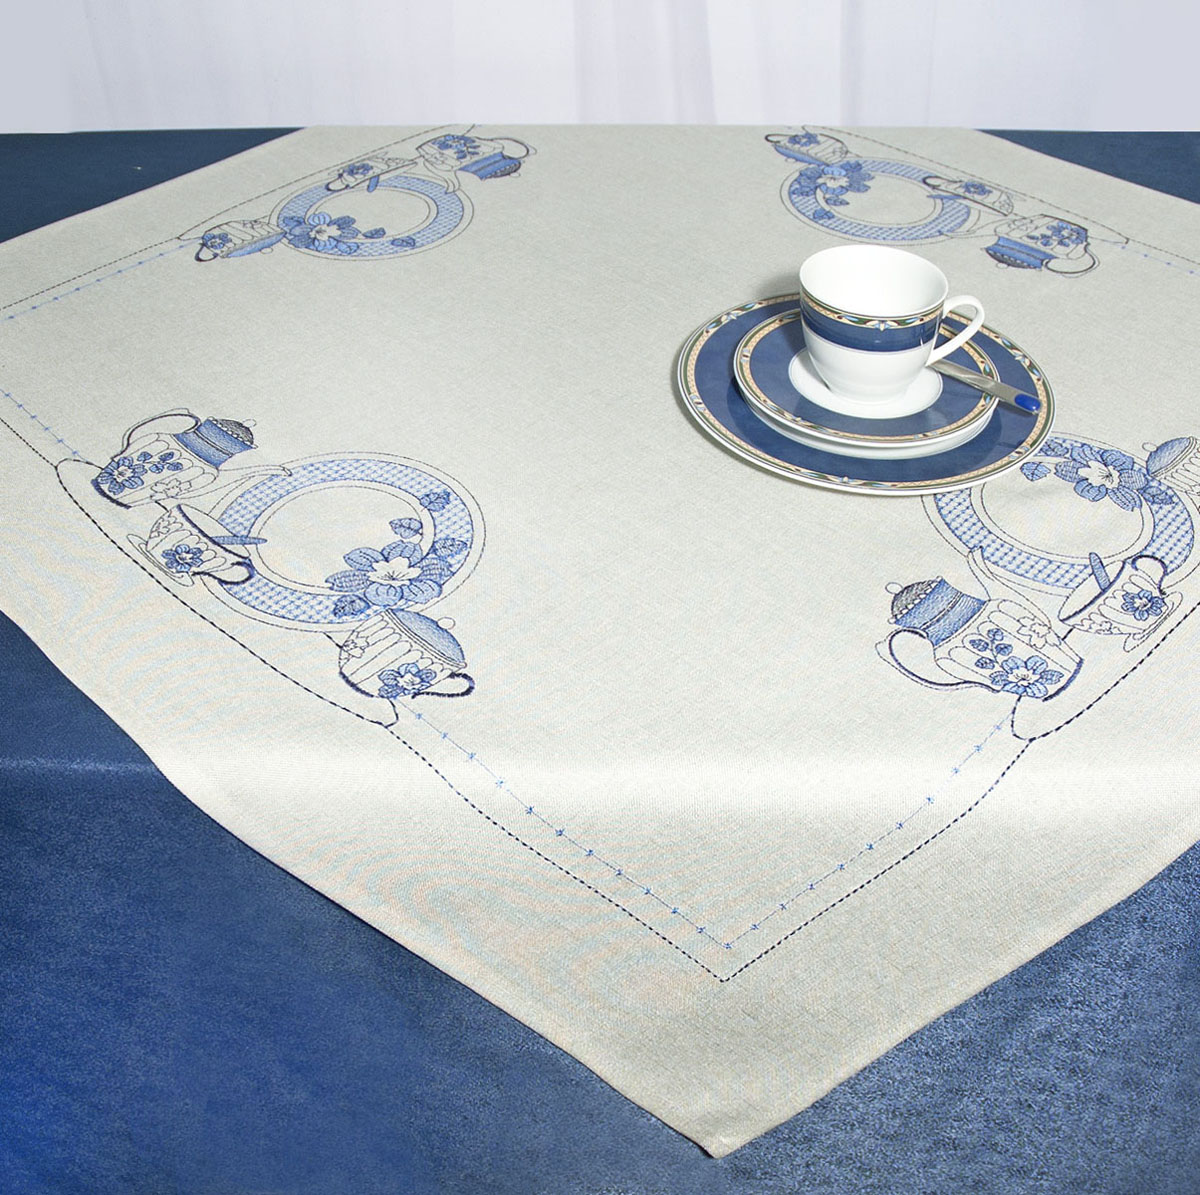 Скатерть Schaefer, квадратная, цвет: серый, 85x 85 см. 07480-100VT-1520(SR)Скатерть Schaefer изготовлена из полиэстера и украшена вышивкой в виде чайников, тарелок и др.Изделия из полиэстера легко стирать: они не мнутся, не садятся и быстро сохнут, они более долговечны, чем изделия из натуральных волокон. Кроме того, ткань обладает водоотталкивающими свойствами. Такая скатерть будет просто не заменима на кухне, а особенно на вашем обеденном столе на даче под открытым небом. Скатерть Schaefer не останется без внимания ваших гостей, а вас будет ежедневно радовать ярким дизайном и несравненным качеством.Немецкая компания Schaefer создана в 1921 году. На протяжении всего времени существования она создает уникальные коллекции домашнего текстиля для гостиных, спален, кухонь и ванных комнат. Дизайнерские идеи немецких художников компании Schaefer воплощаются в текстильных изделиях, которые сделают ваш дом красивее и уютнее и не останутся незамеченными вашими гостями. Дарите себе и близким красоту каждый день! Изысканный текстиль от немецкой компании Schaefer - это красота, стиль и уют в вашем доме.